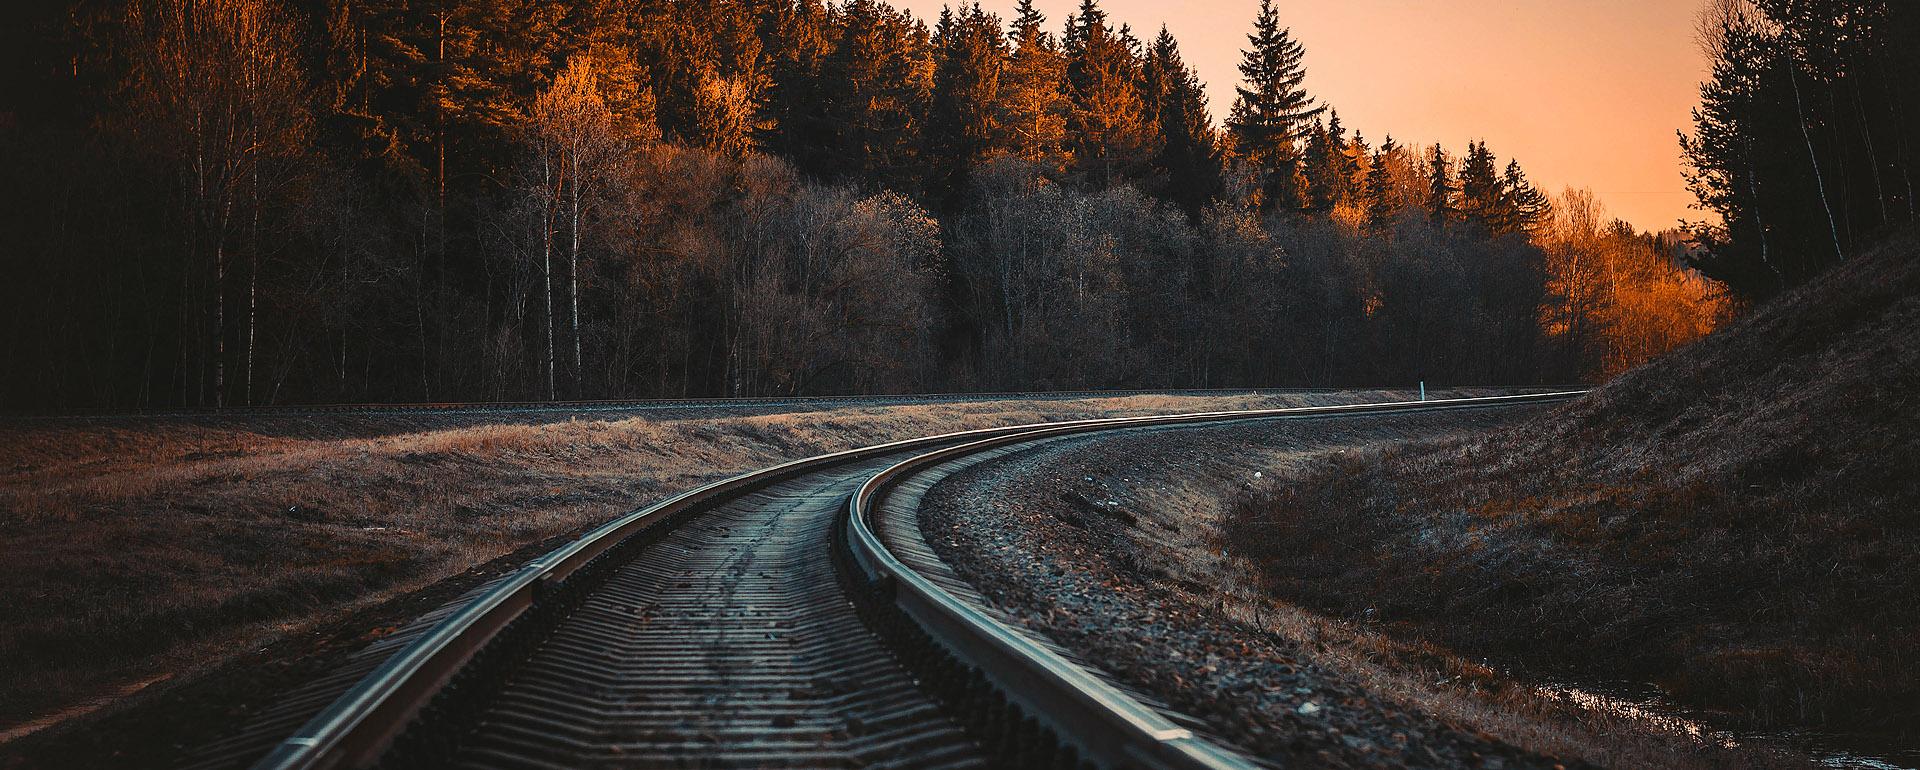 Inrikes tåg